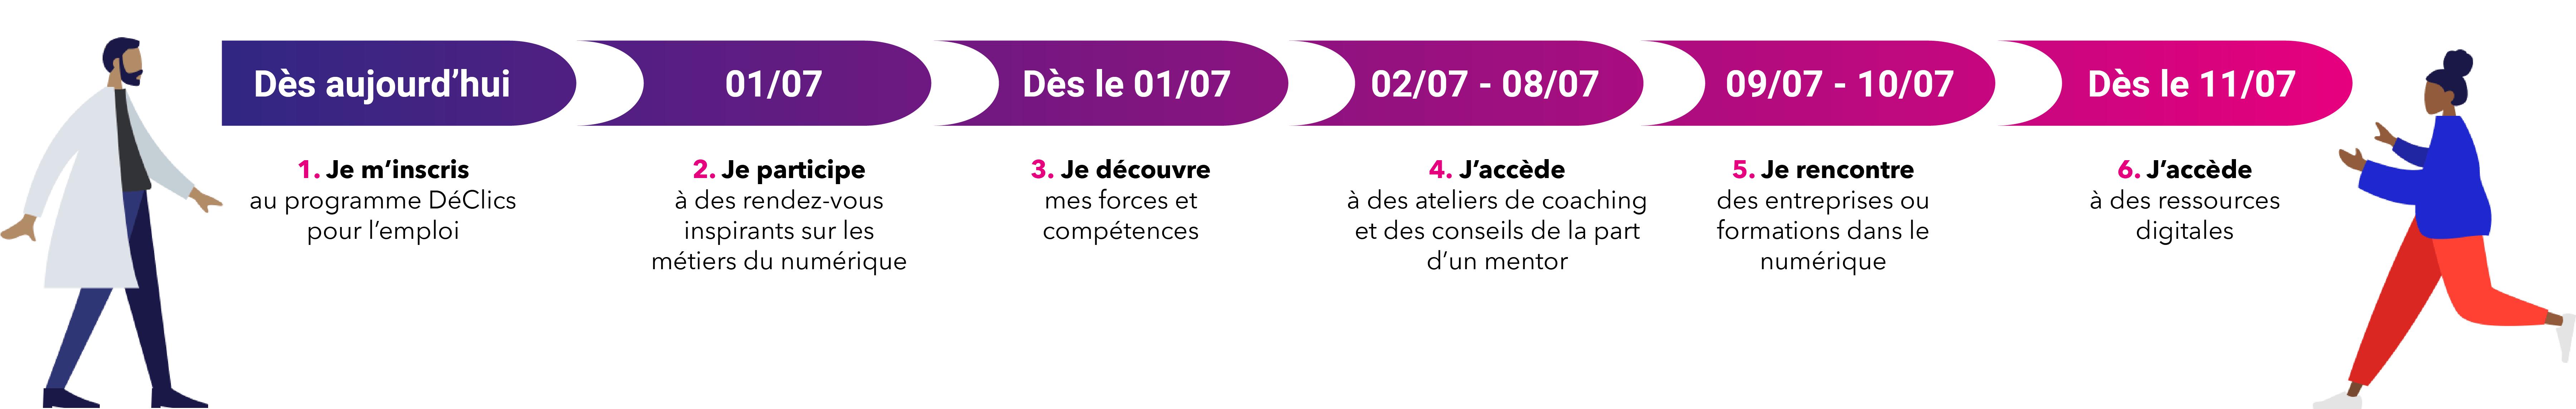 Frise-declics-chronologique-declics-pour-l-emploi